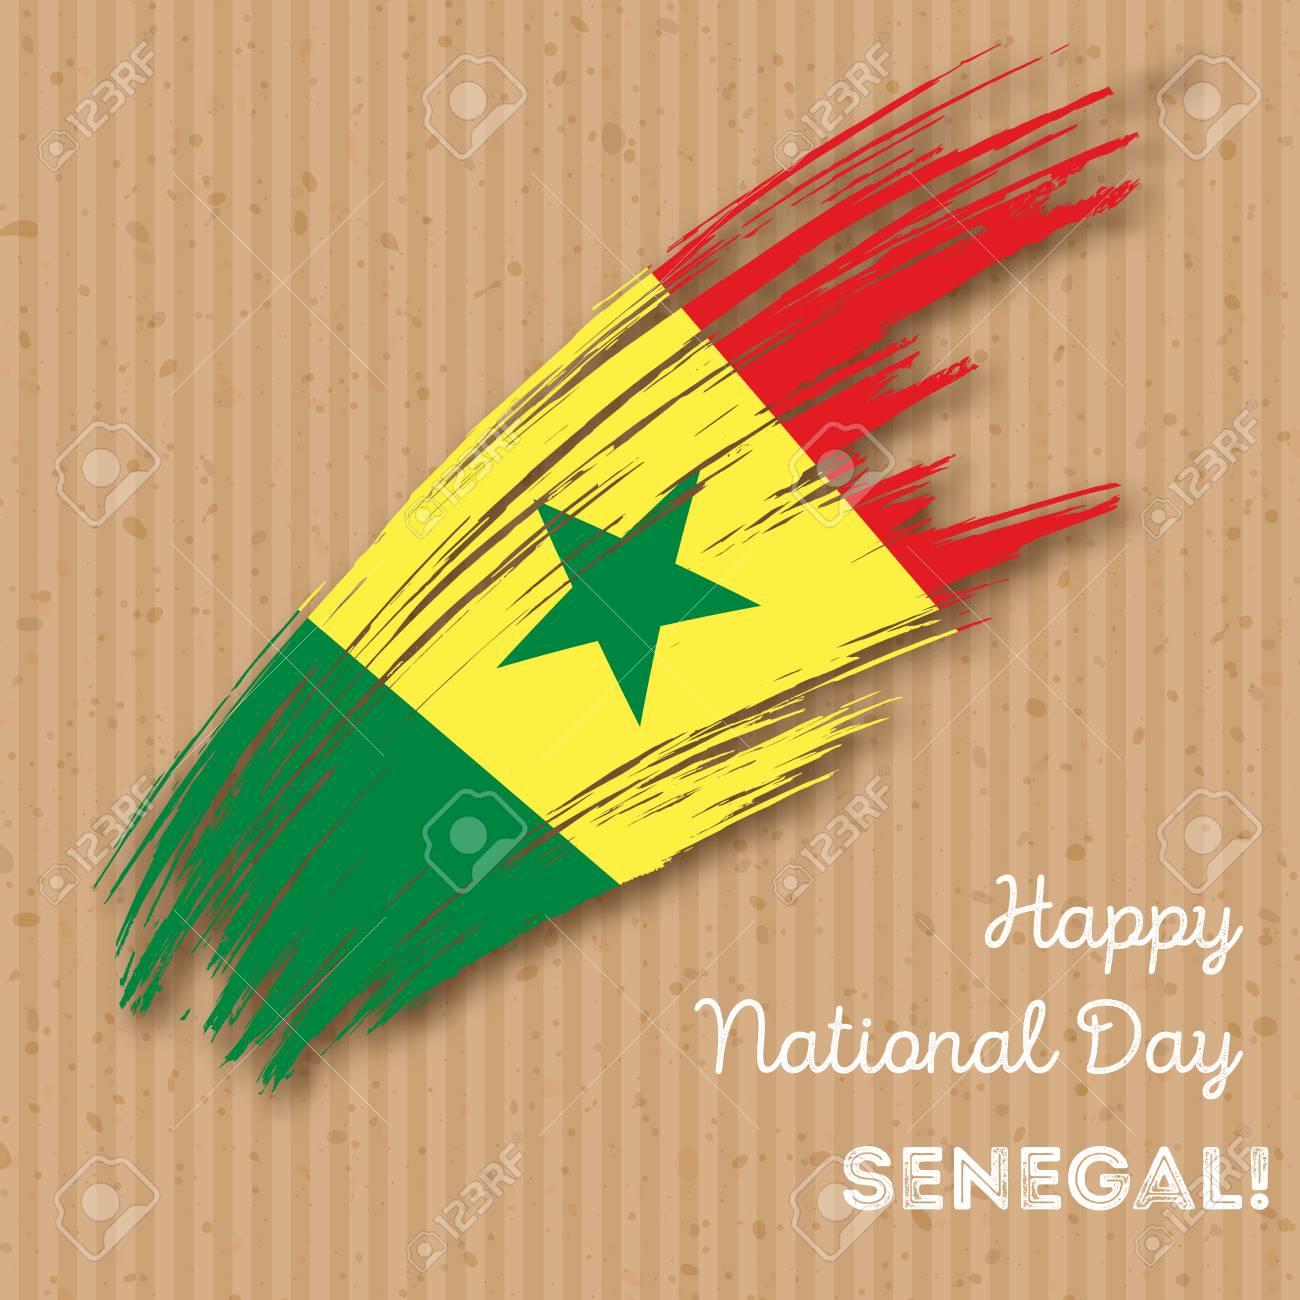 Senegal independence day patriotic design expressive brush stroke senegal independence day patriotic design expressive brush stroke in national flag colors on kraft paper m4hsunfo